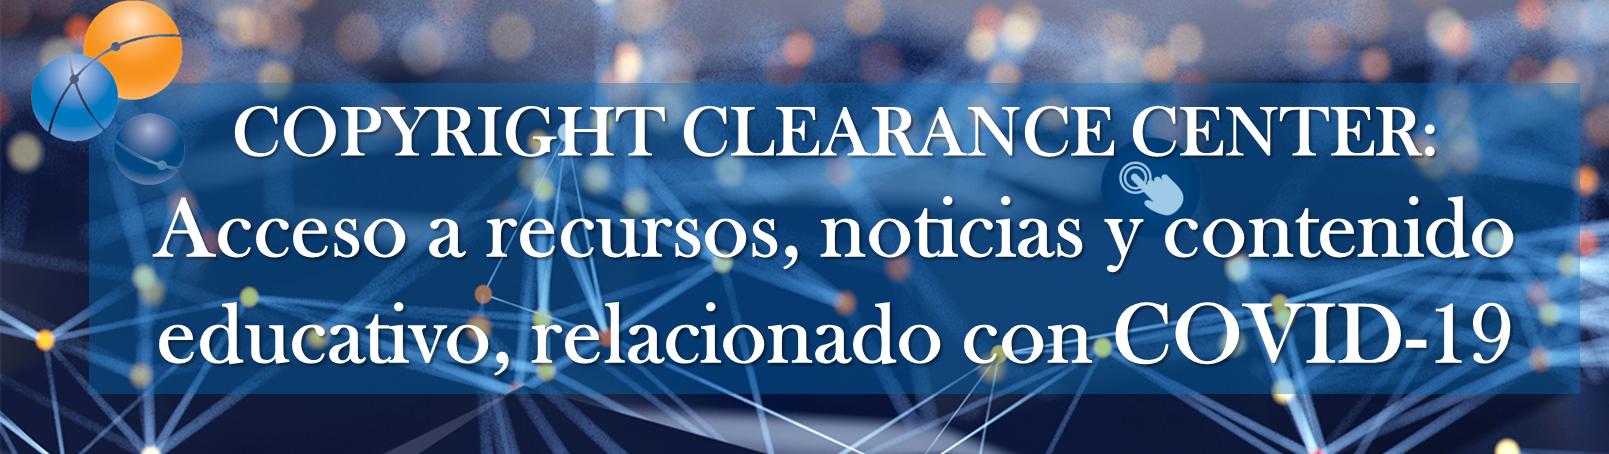 Copyright Clearance Center: Acceso a la ciencia relevante, noticias y contenido educativo relacionado con COVID-19